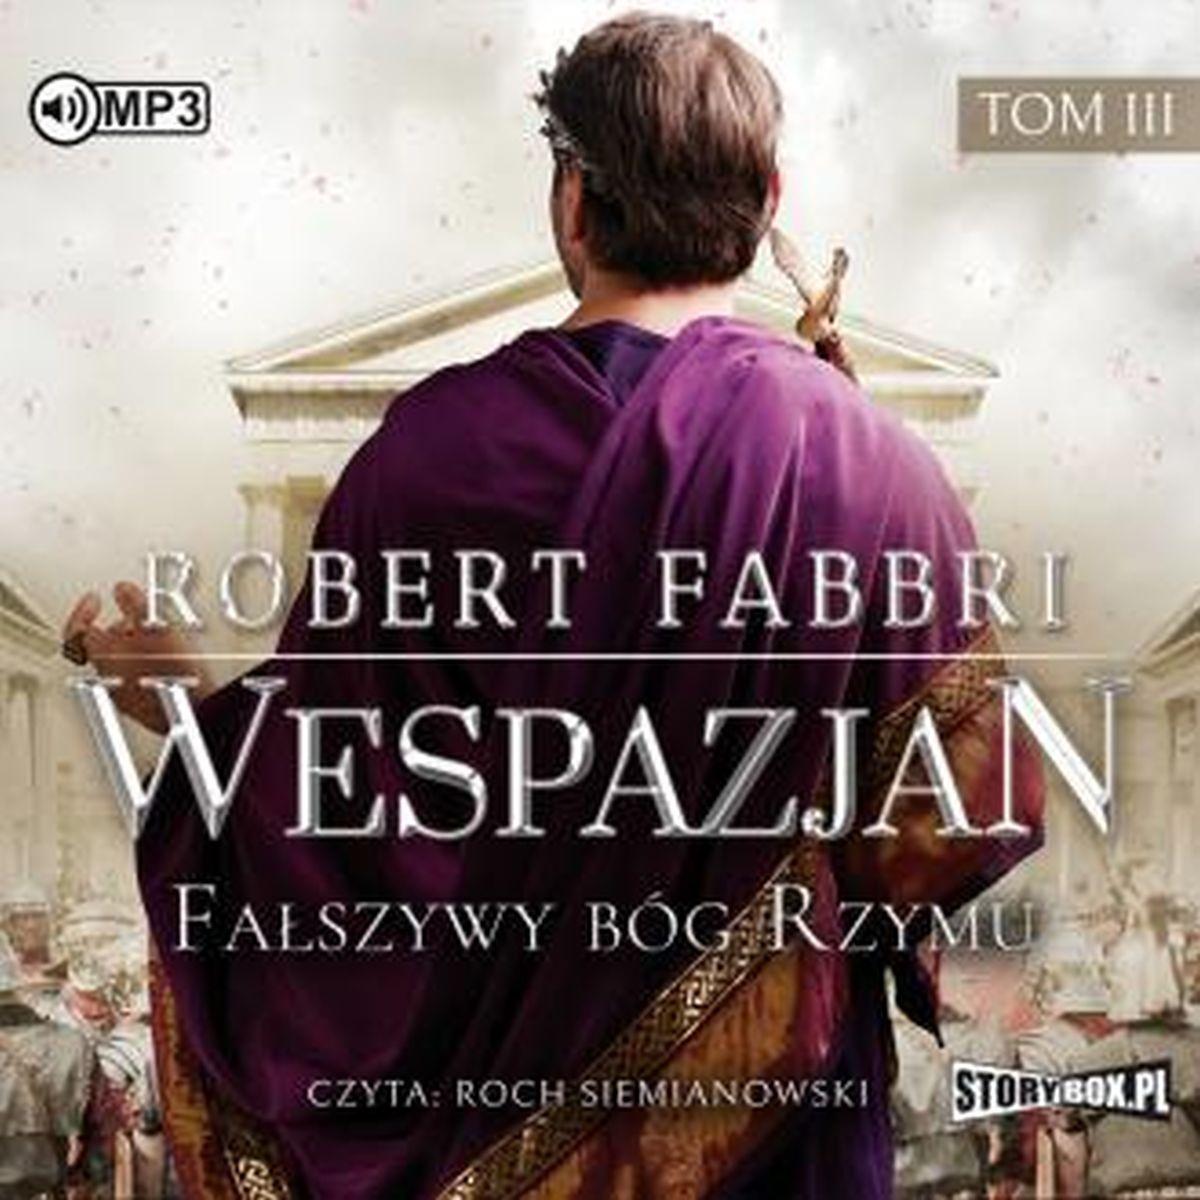 Fałszywy bóg Rzymu. Wespazjan. Tom 3 (CD mp3)